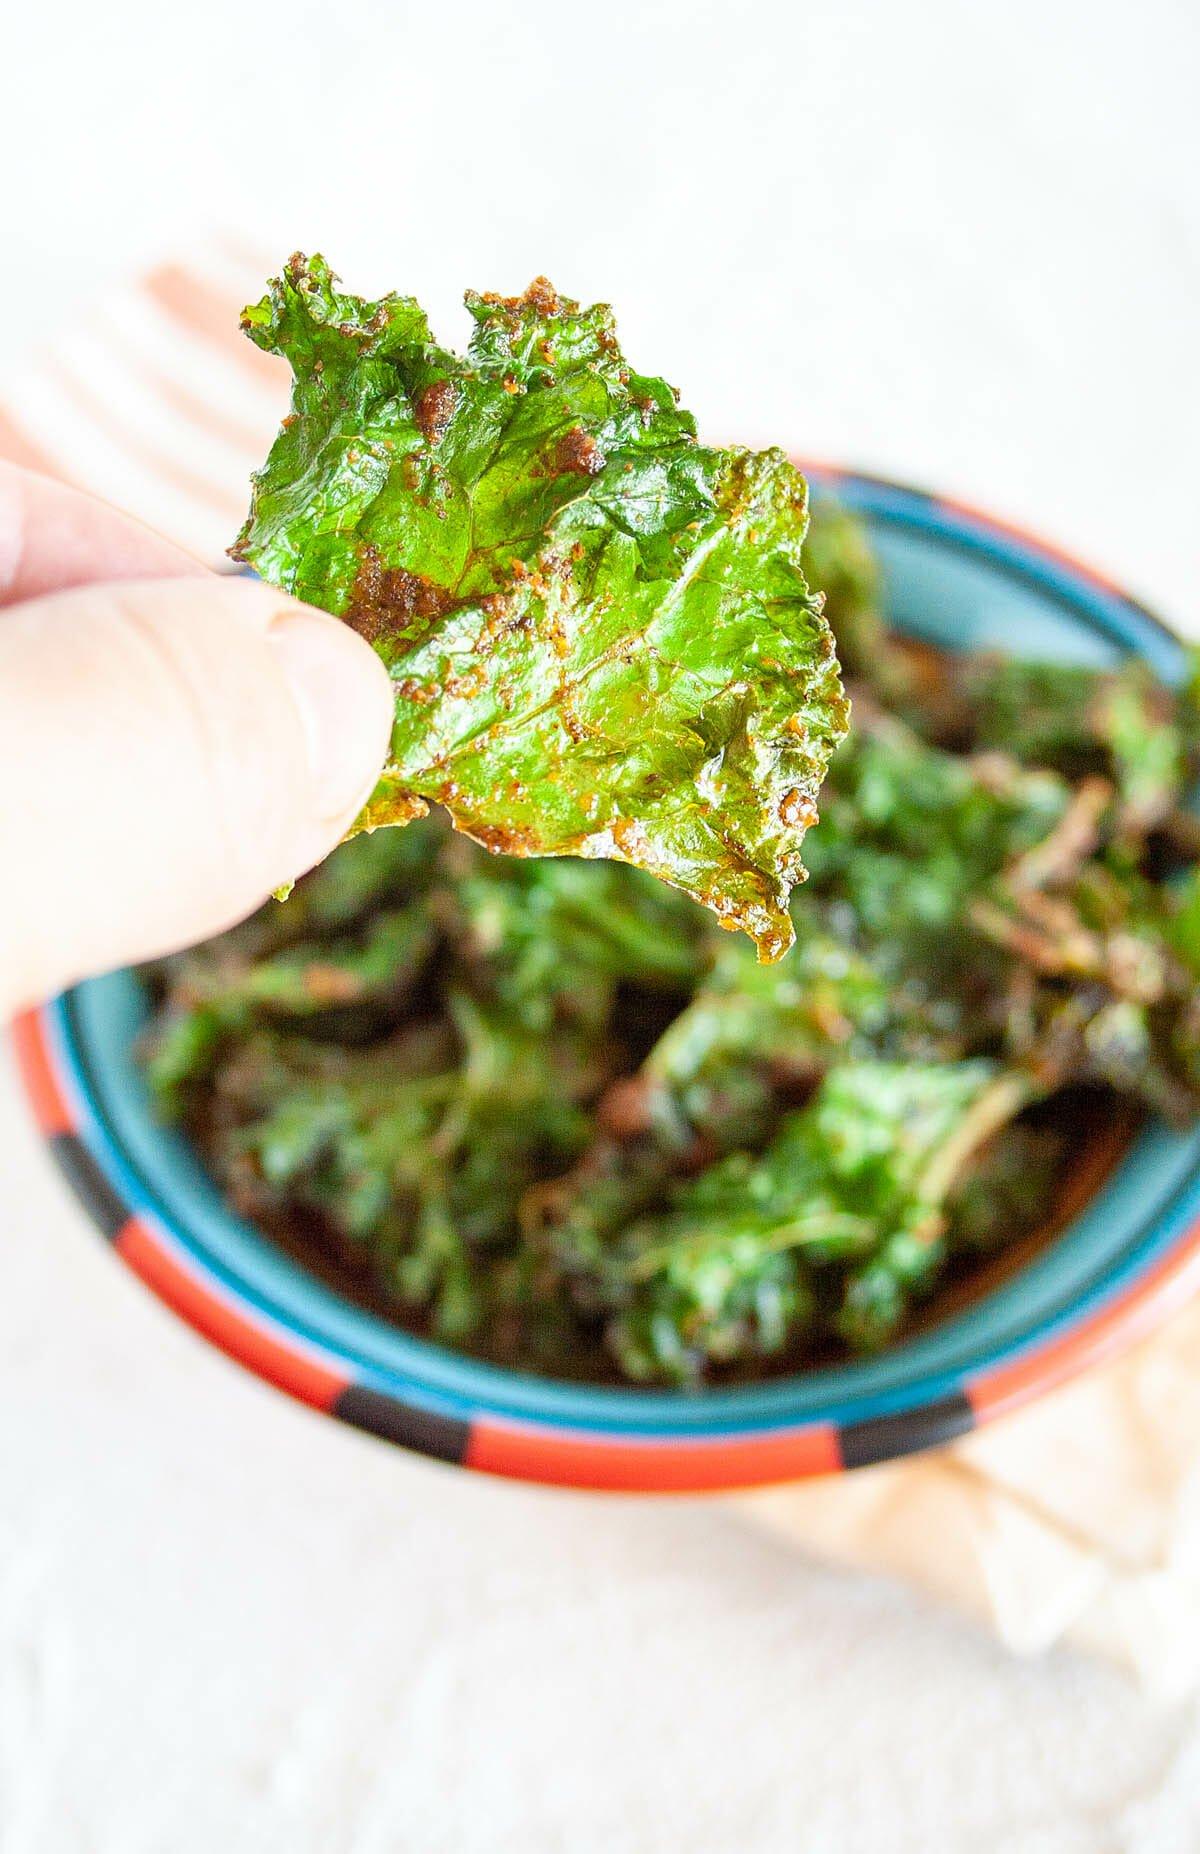 Nacho Kale Chip in my hand.